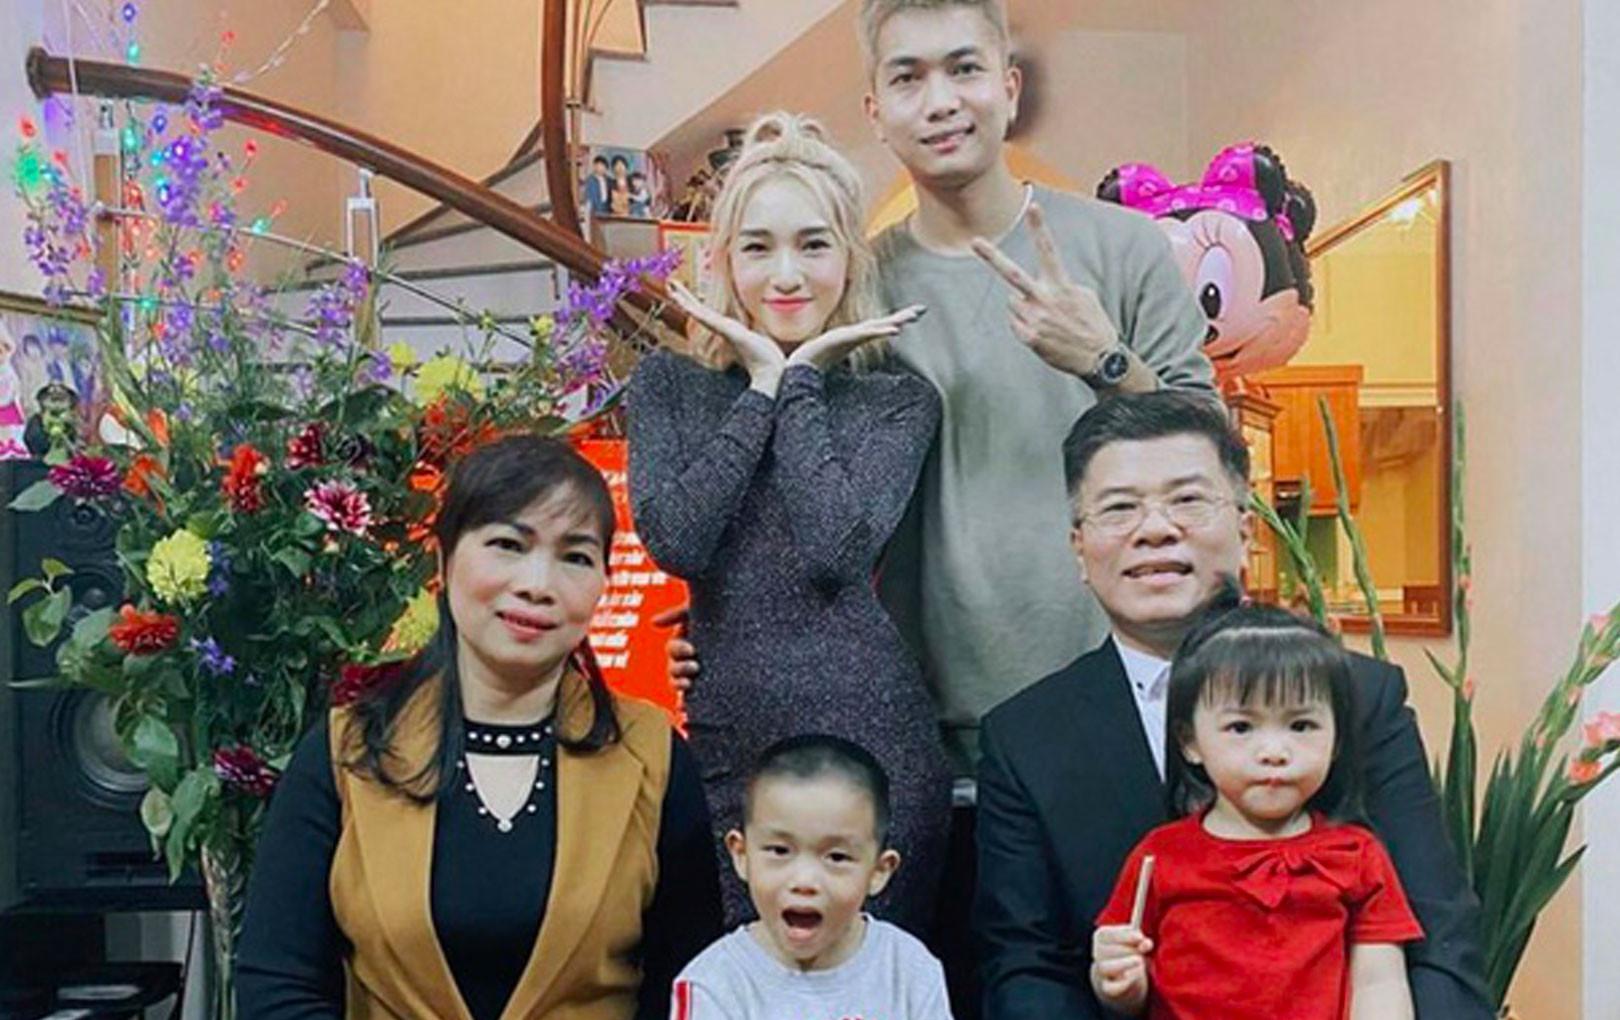 Loạt khoảnh khắc đáng nhớ của Sơn Tùng, gia đình Emily - Big Daddy và dàn sao Vbiz trong thời khắc giao thừa Tết 2020